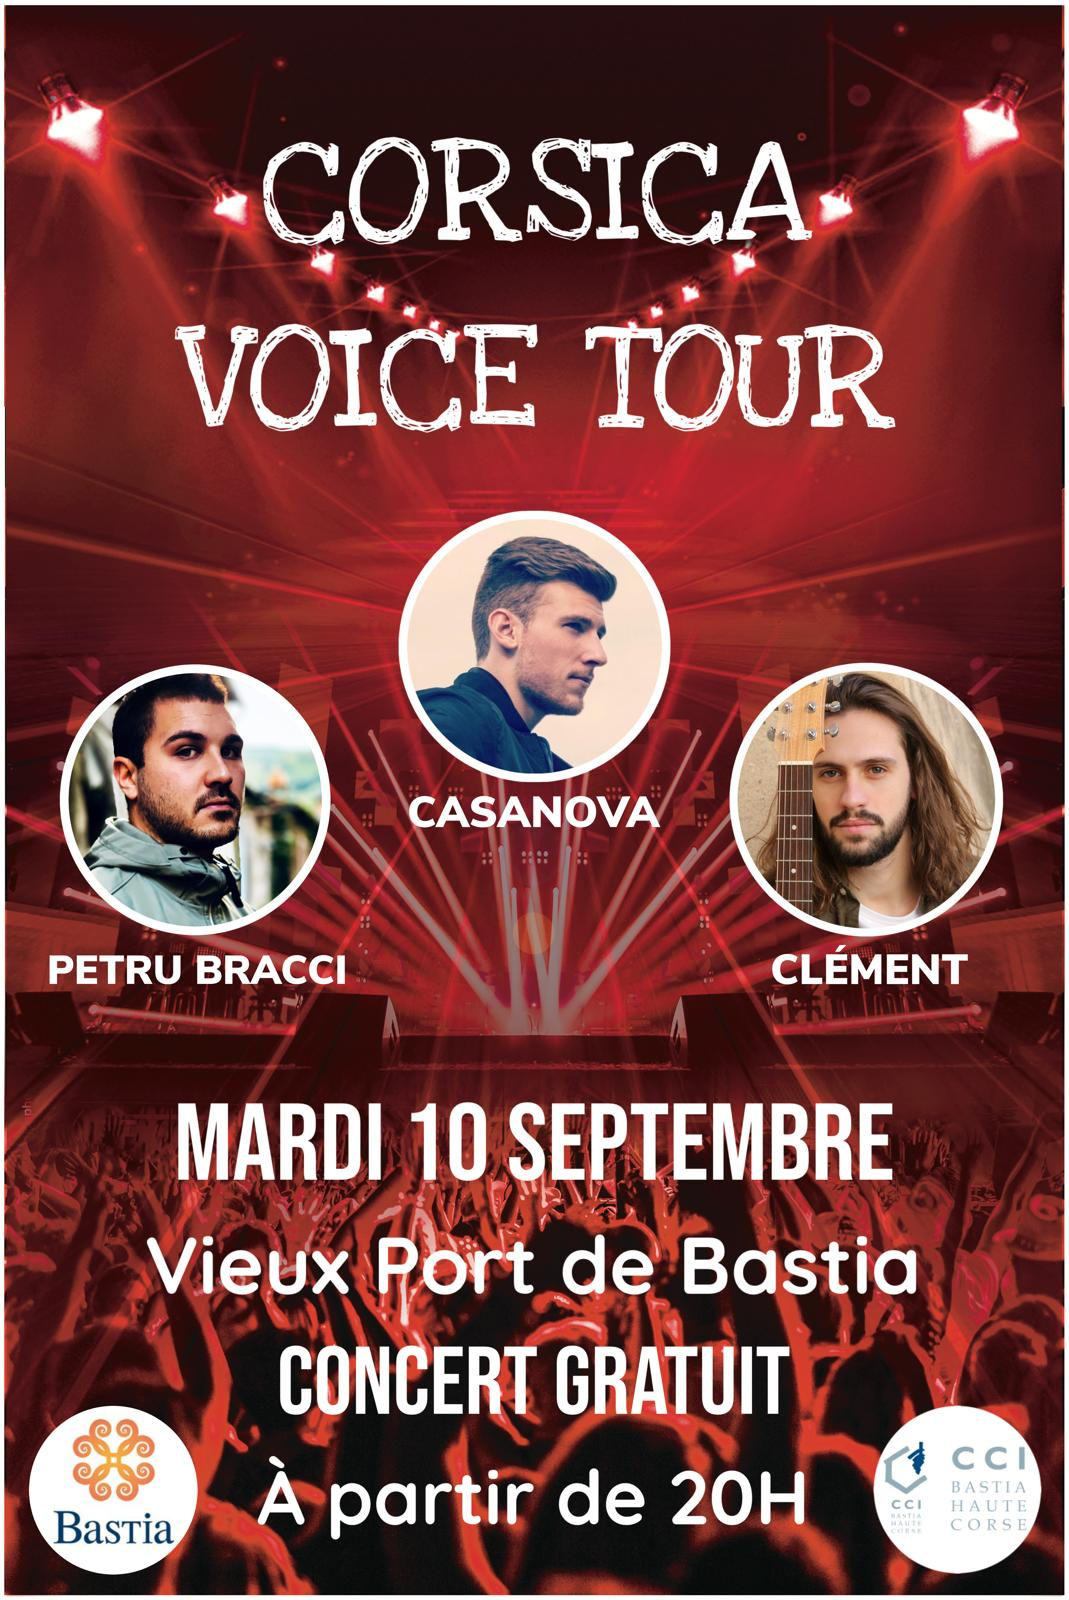 Ce Mardi 10 septembre le vieux port de Bastia va danser....